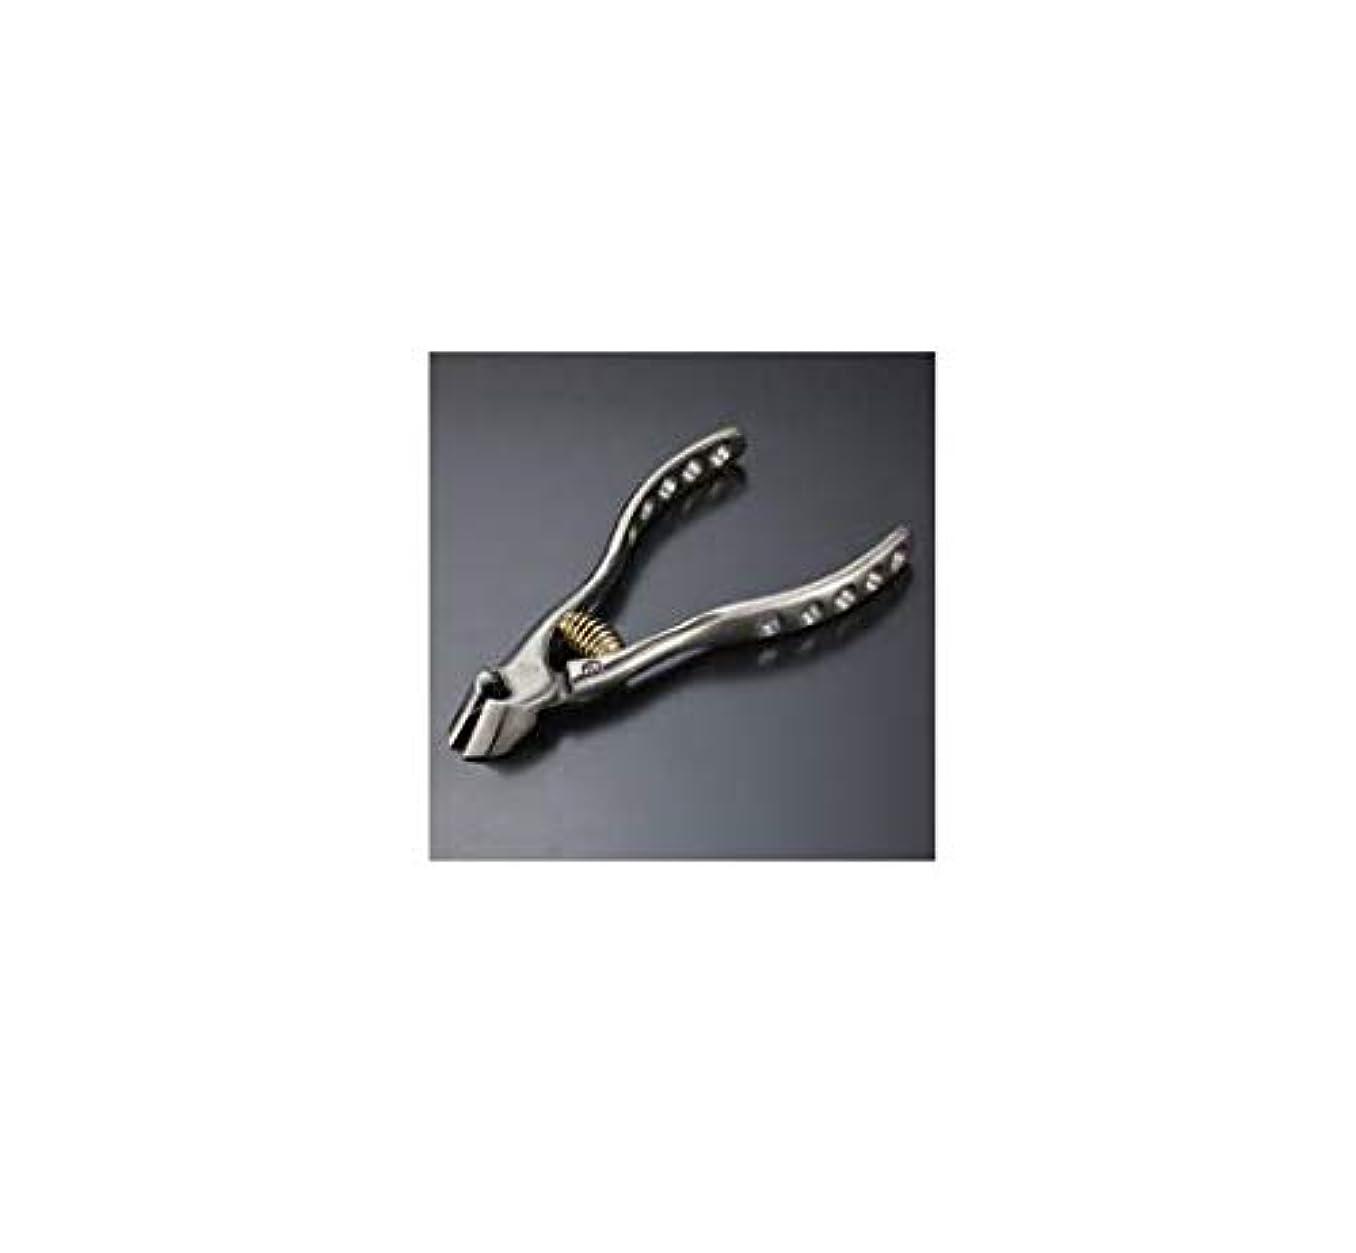 散文寝室操縦する鍛冶屋謹製ニッパ式爪切り 日本製 ニッパー 人気 おすすめ ネイル